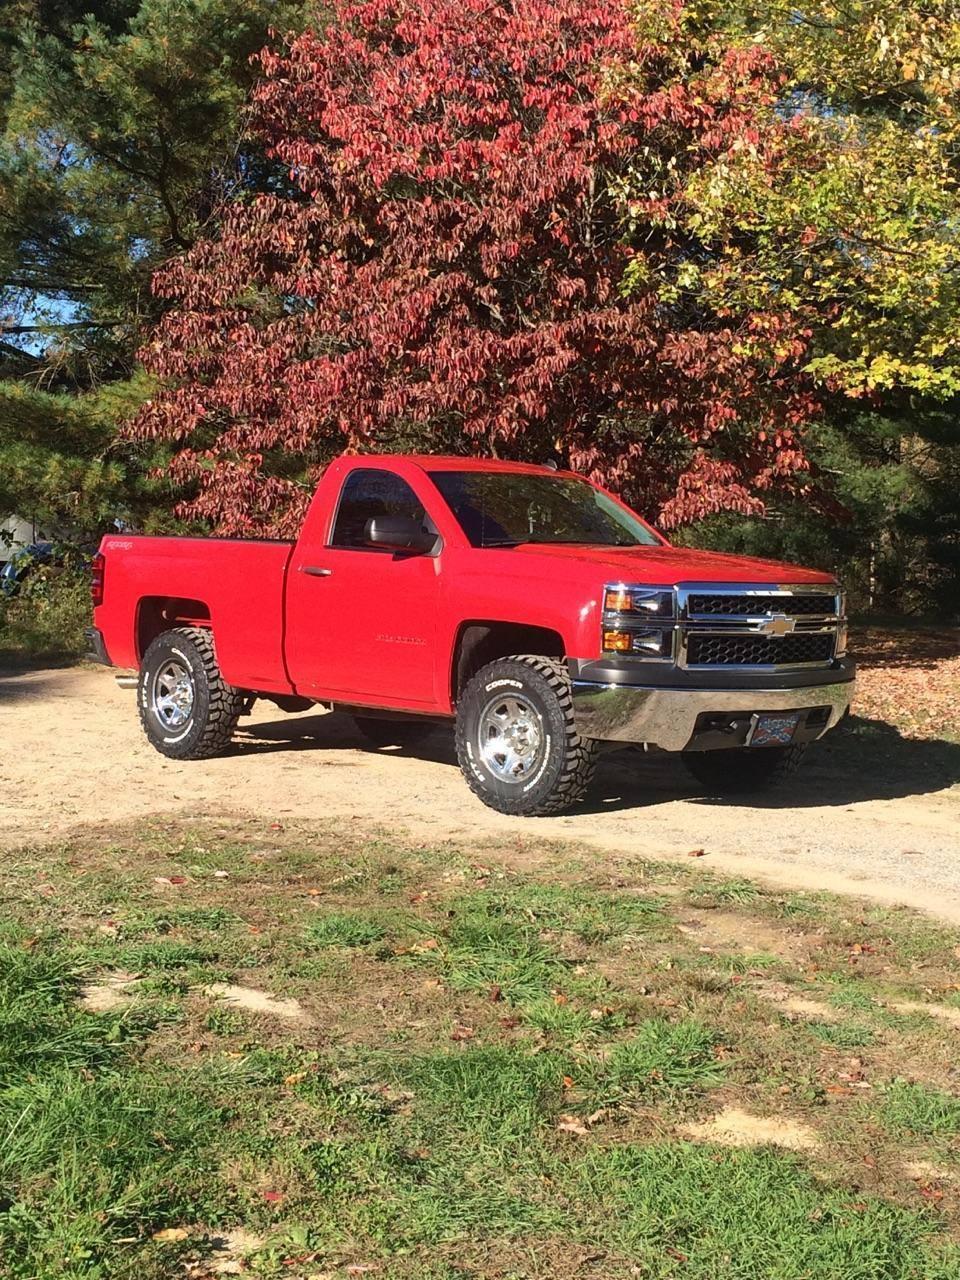 2014 Chevrolet Silverado 1500 5.3 V8 4X4 Red for sale